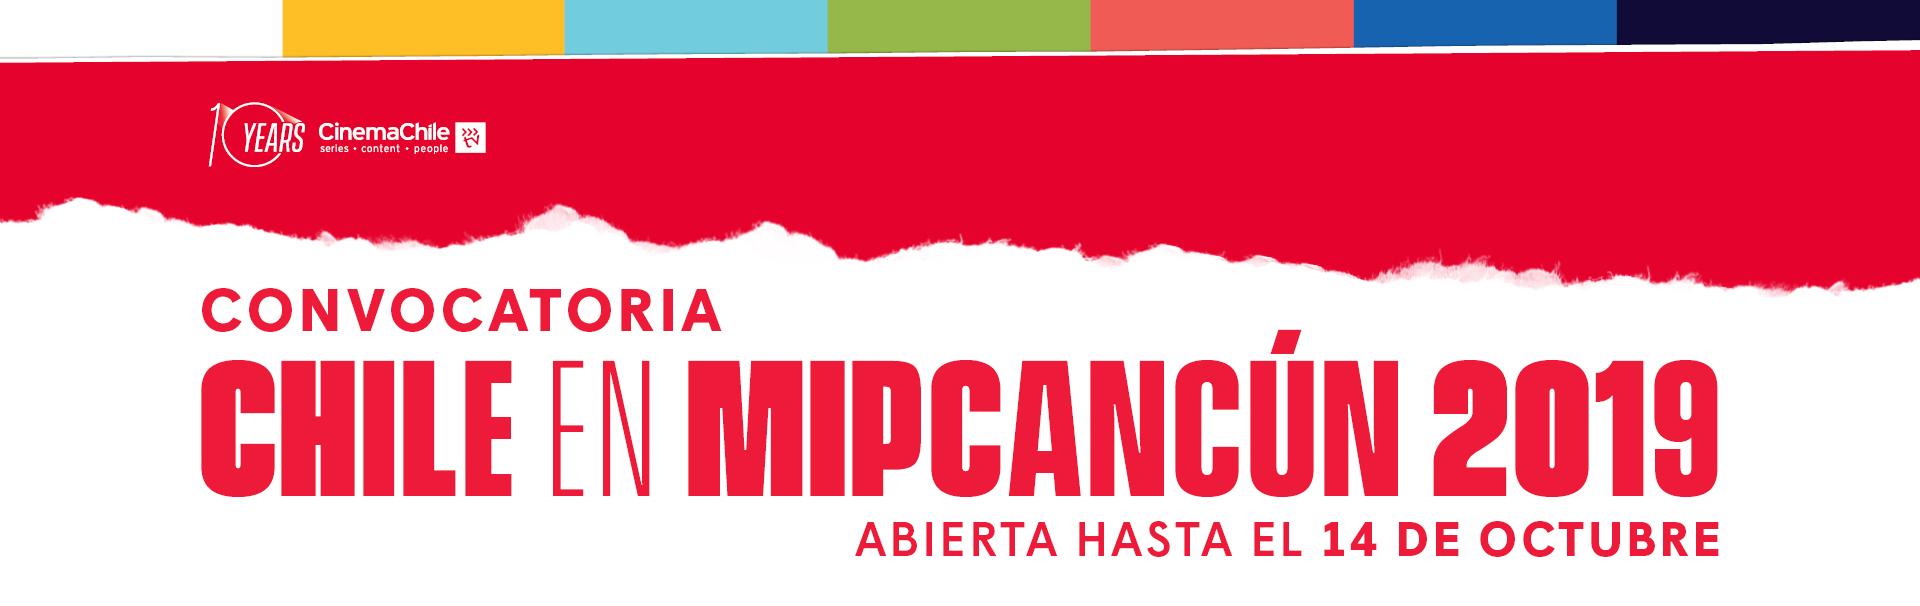 CERRADA// ¿Asistirás a MIPCancún?  Avísanos y súmate a la delegación chilena